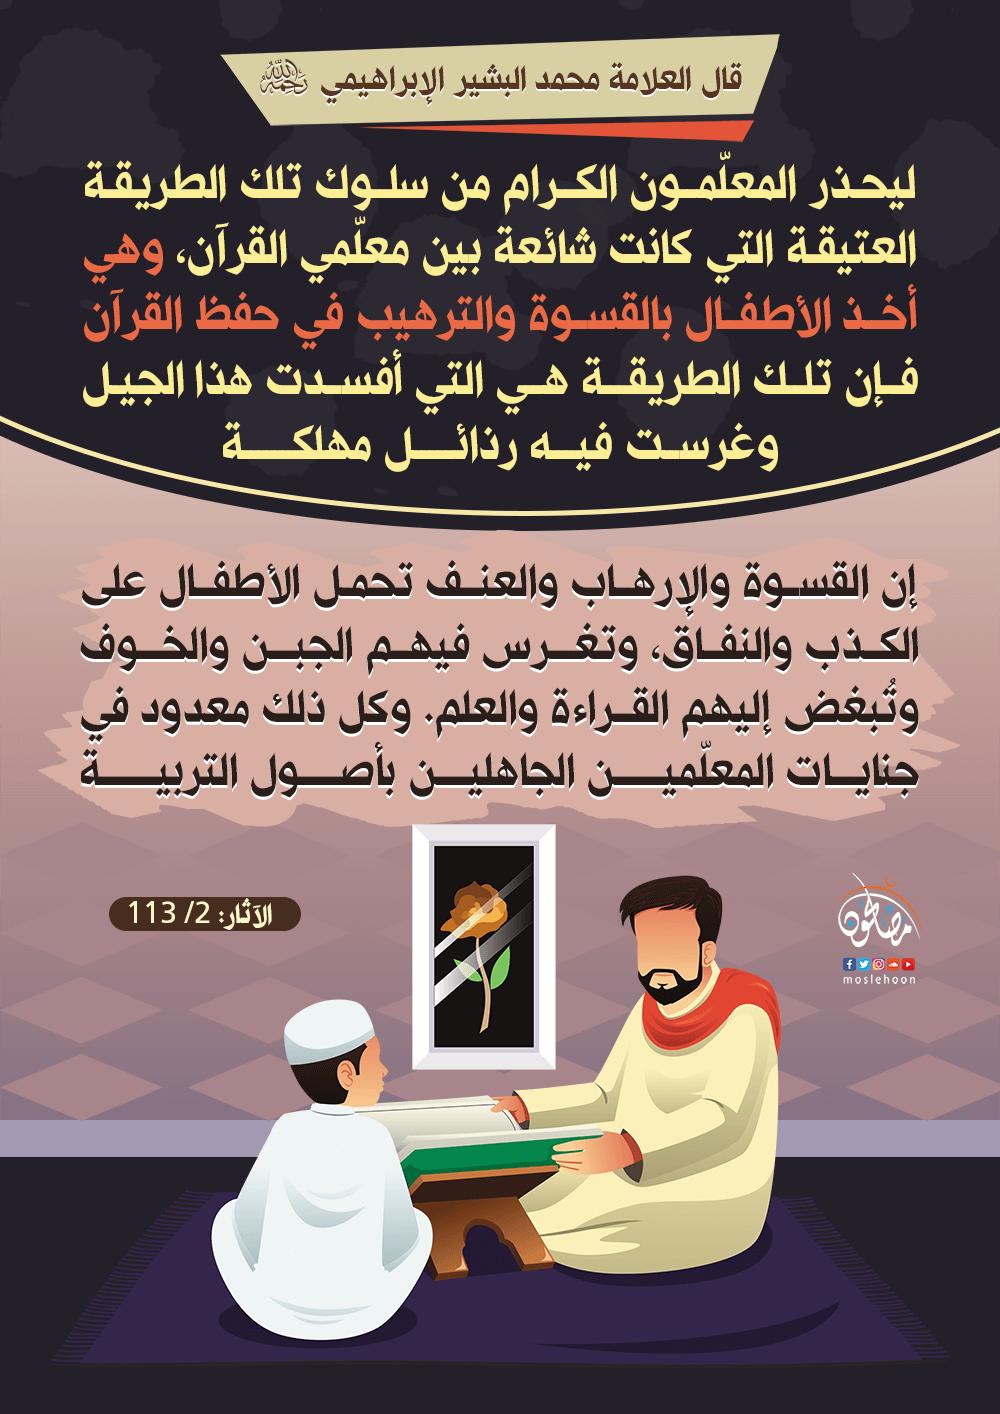 الحذر من أخذ الأطفال بالقسوة والترهيب في حفظ القرآن